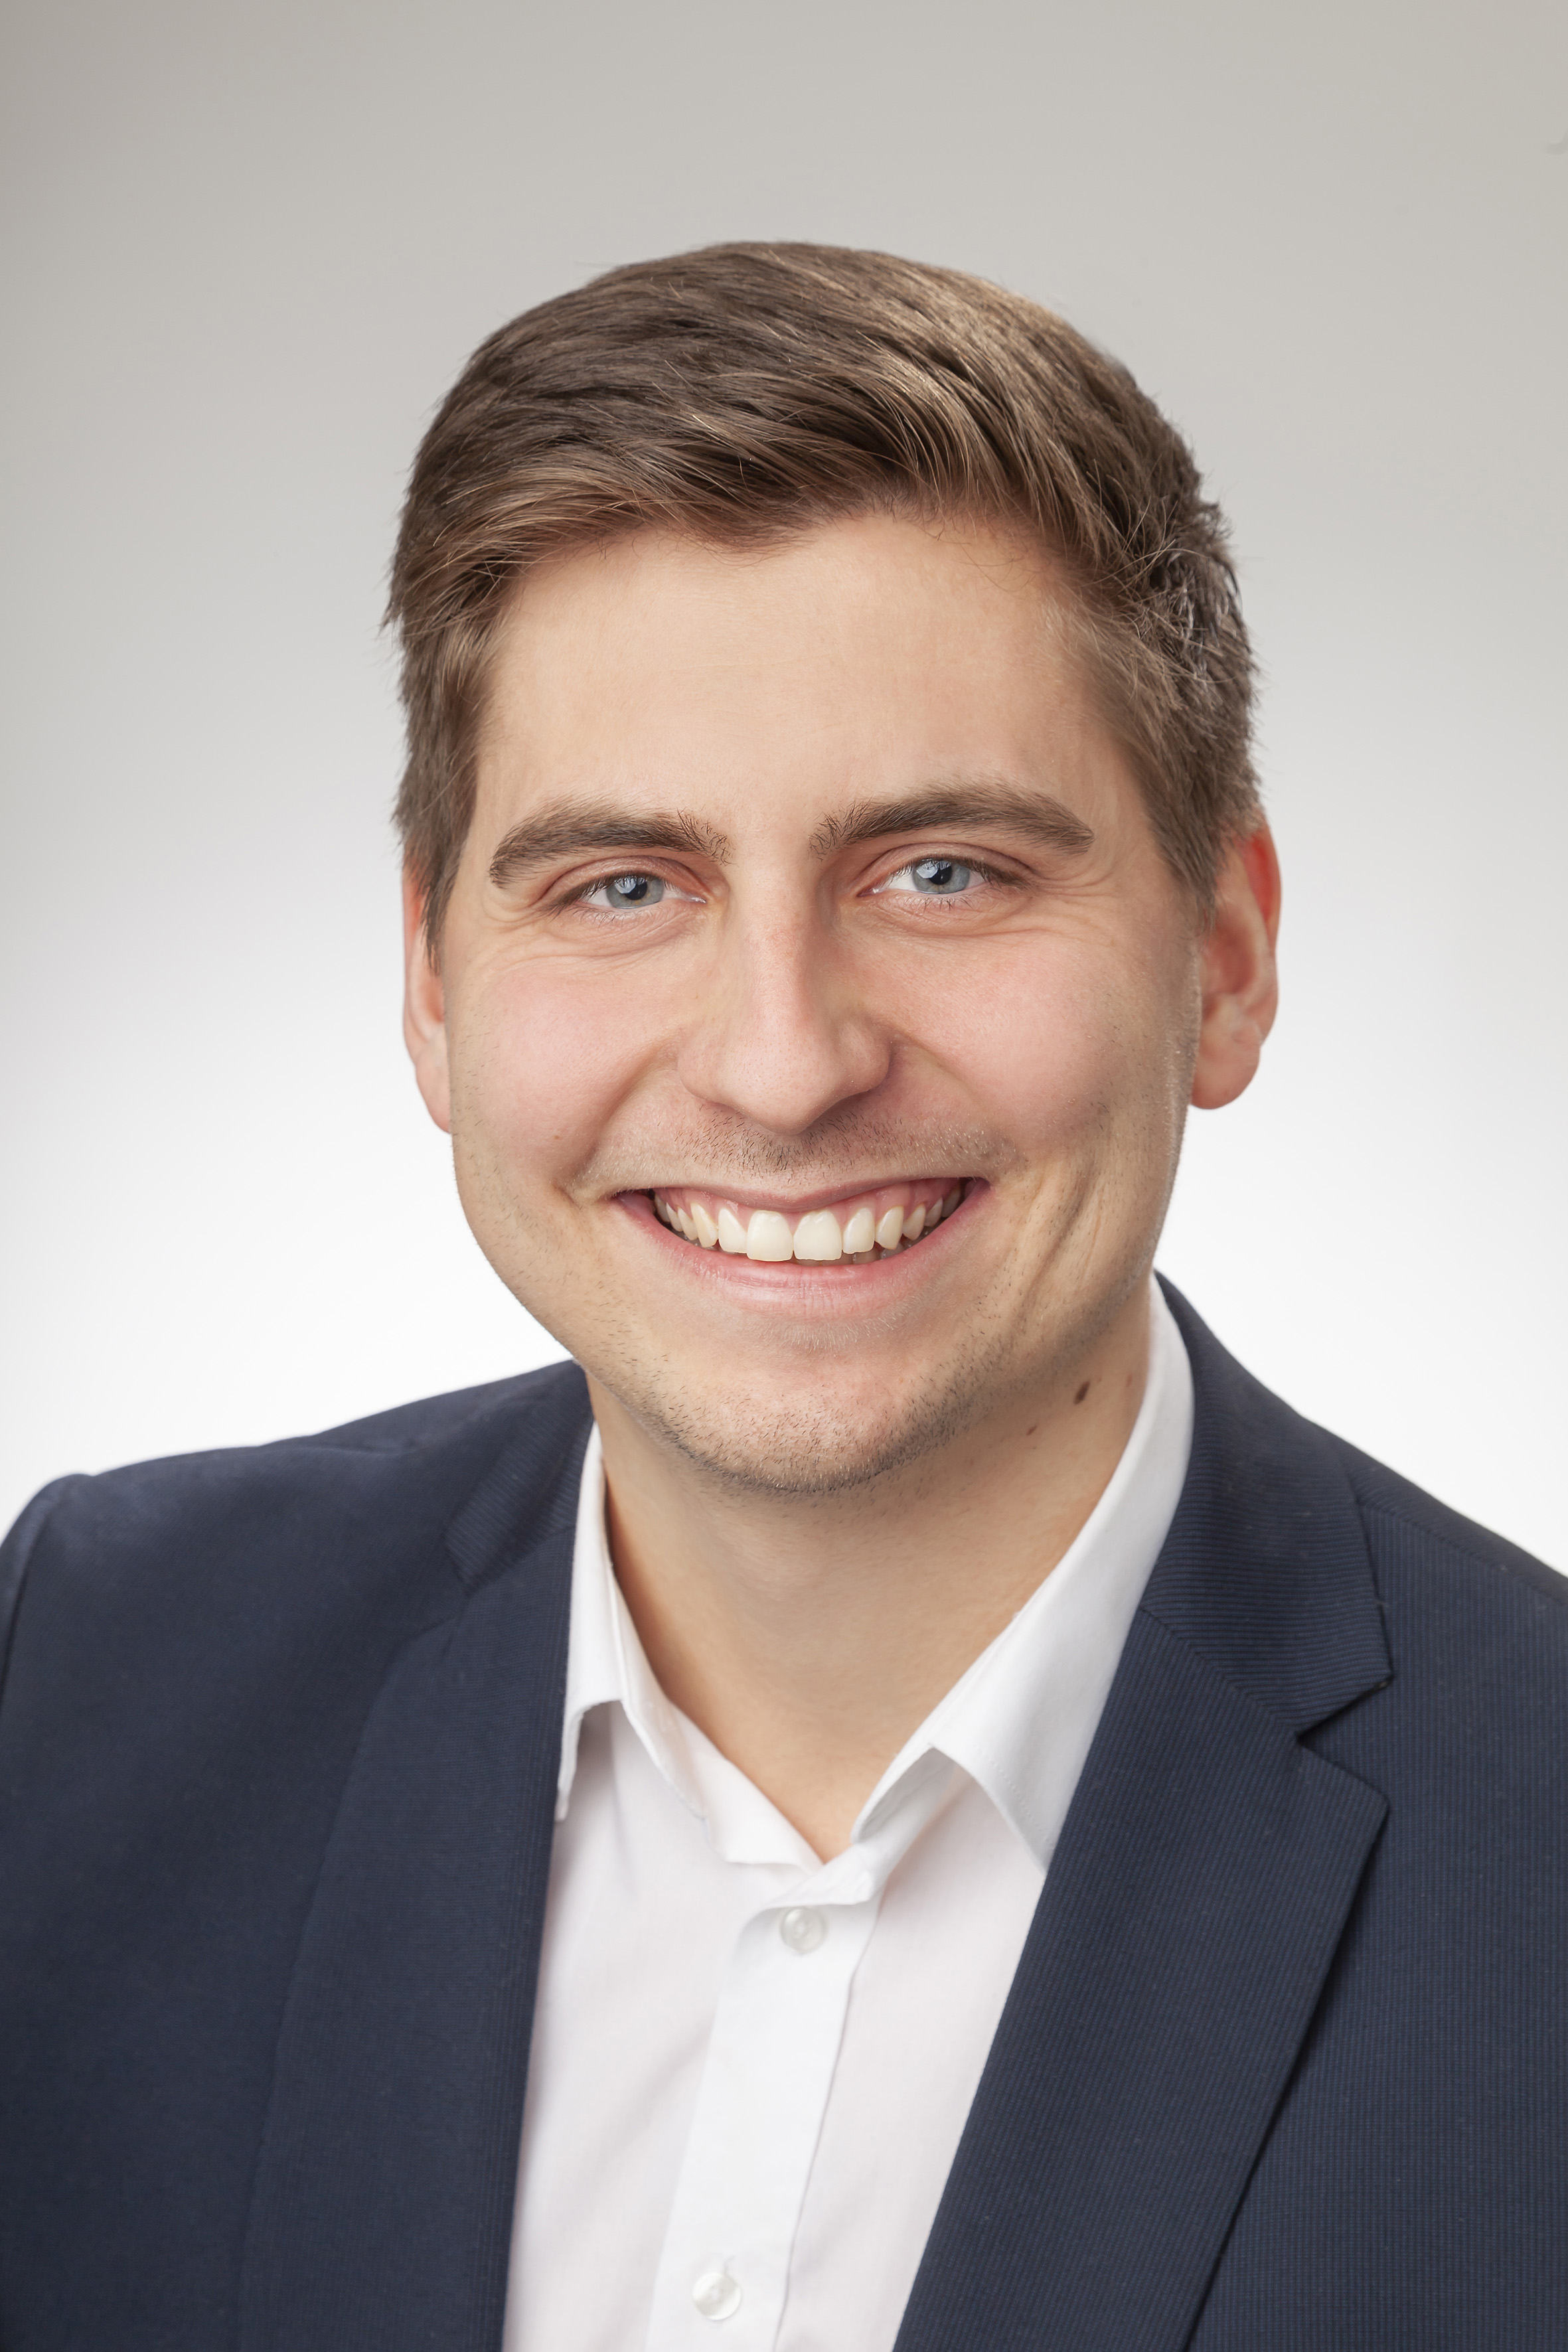 Manuel Baumgartner